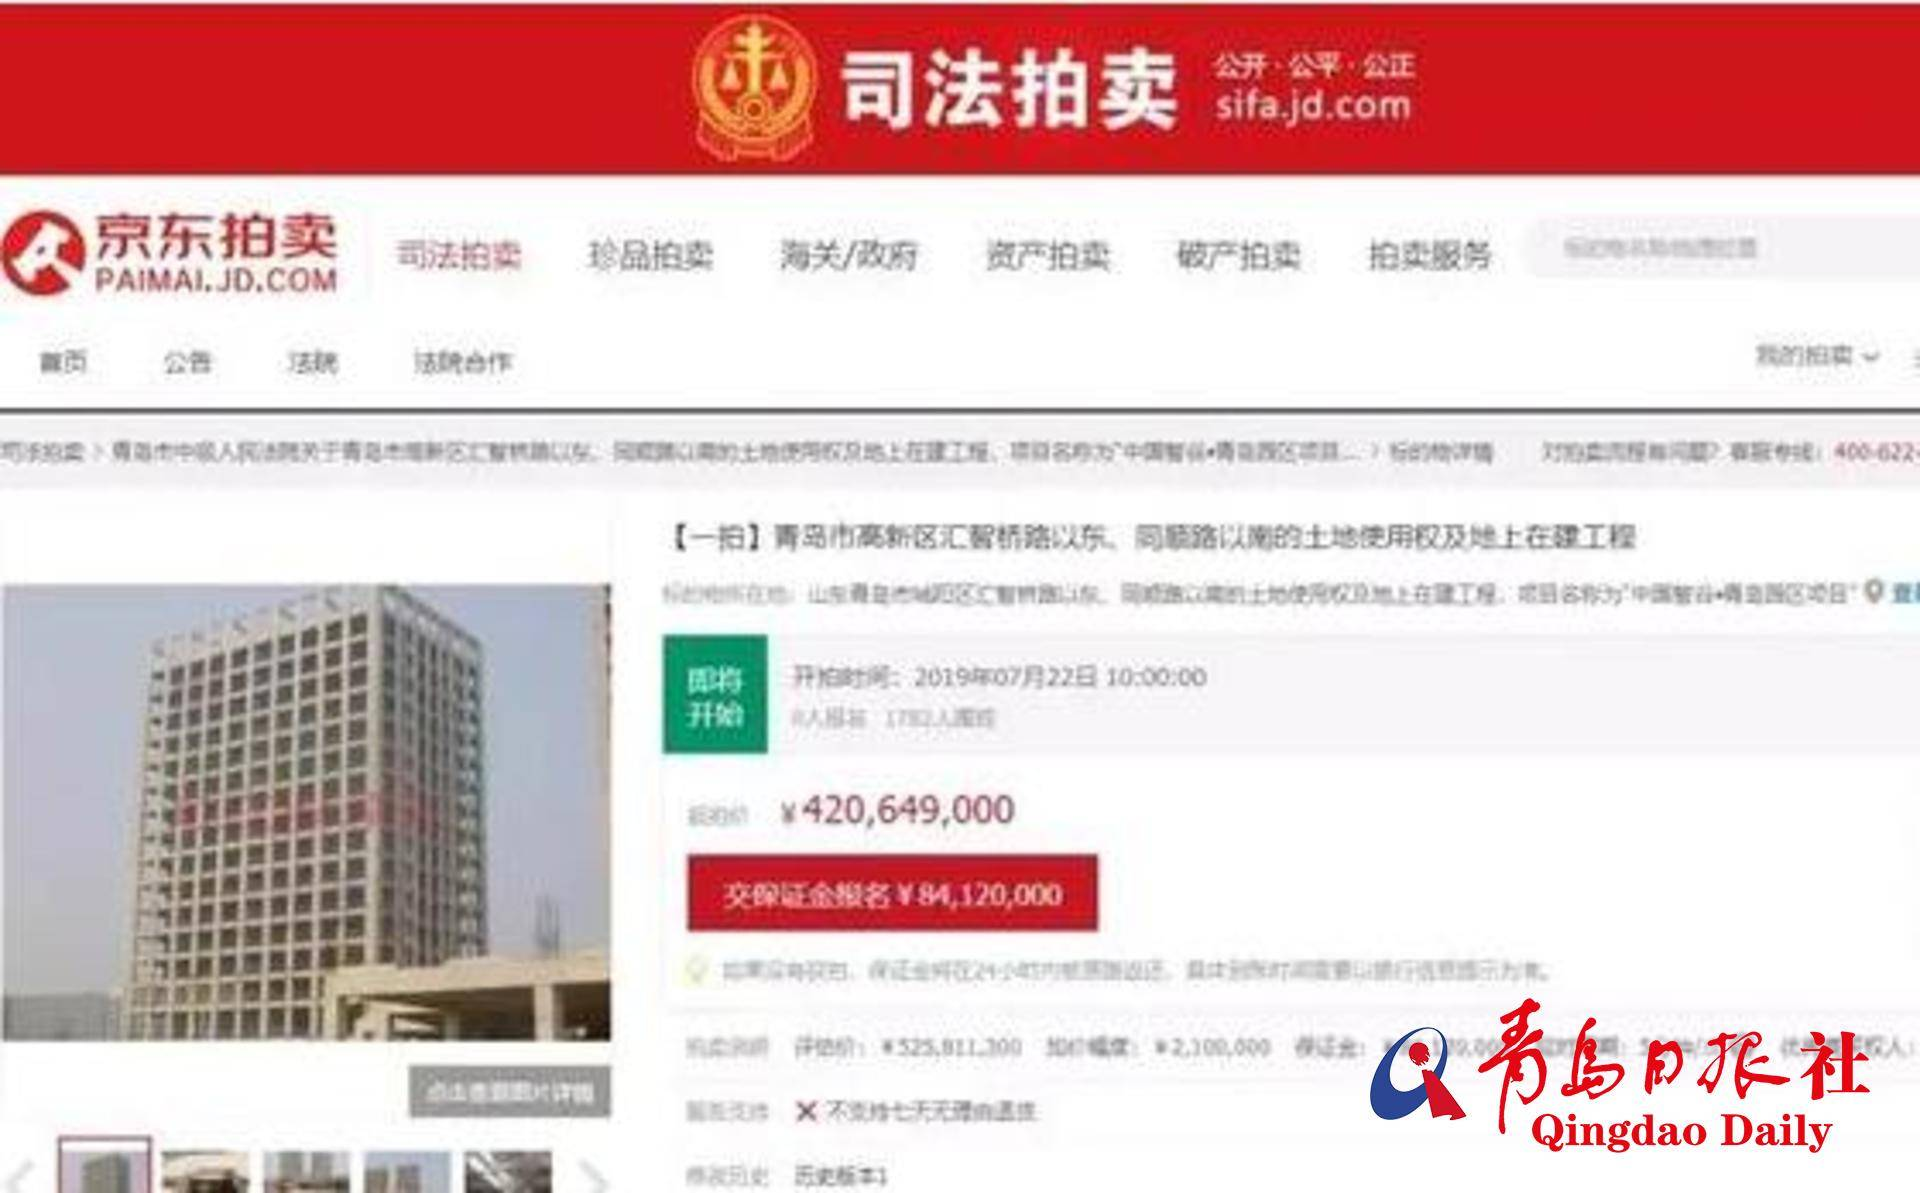 起拍价4.2亿!高新区中国智谷·青岛园区项目将司法拍卖